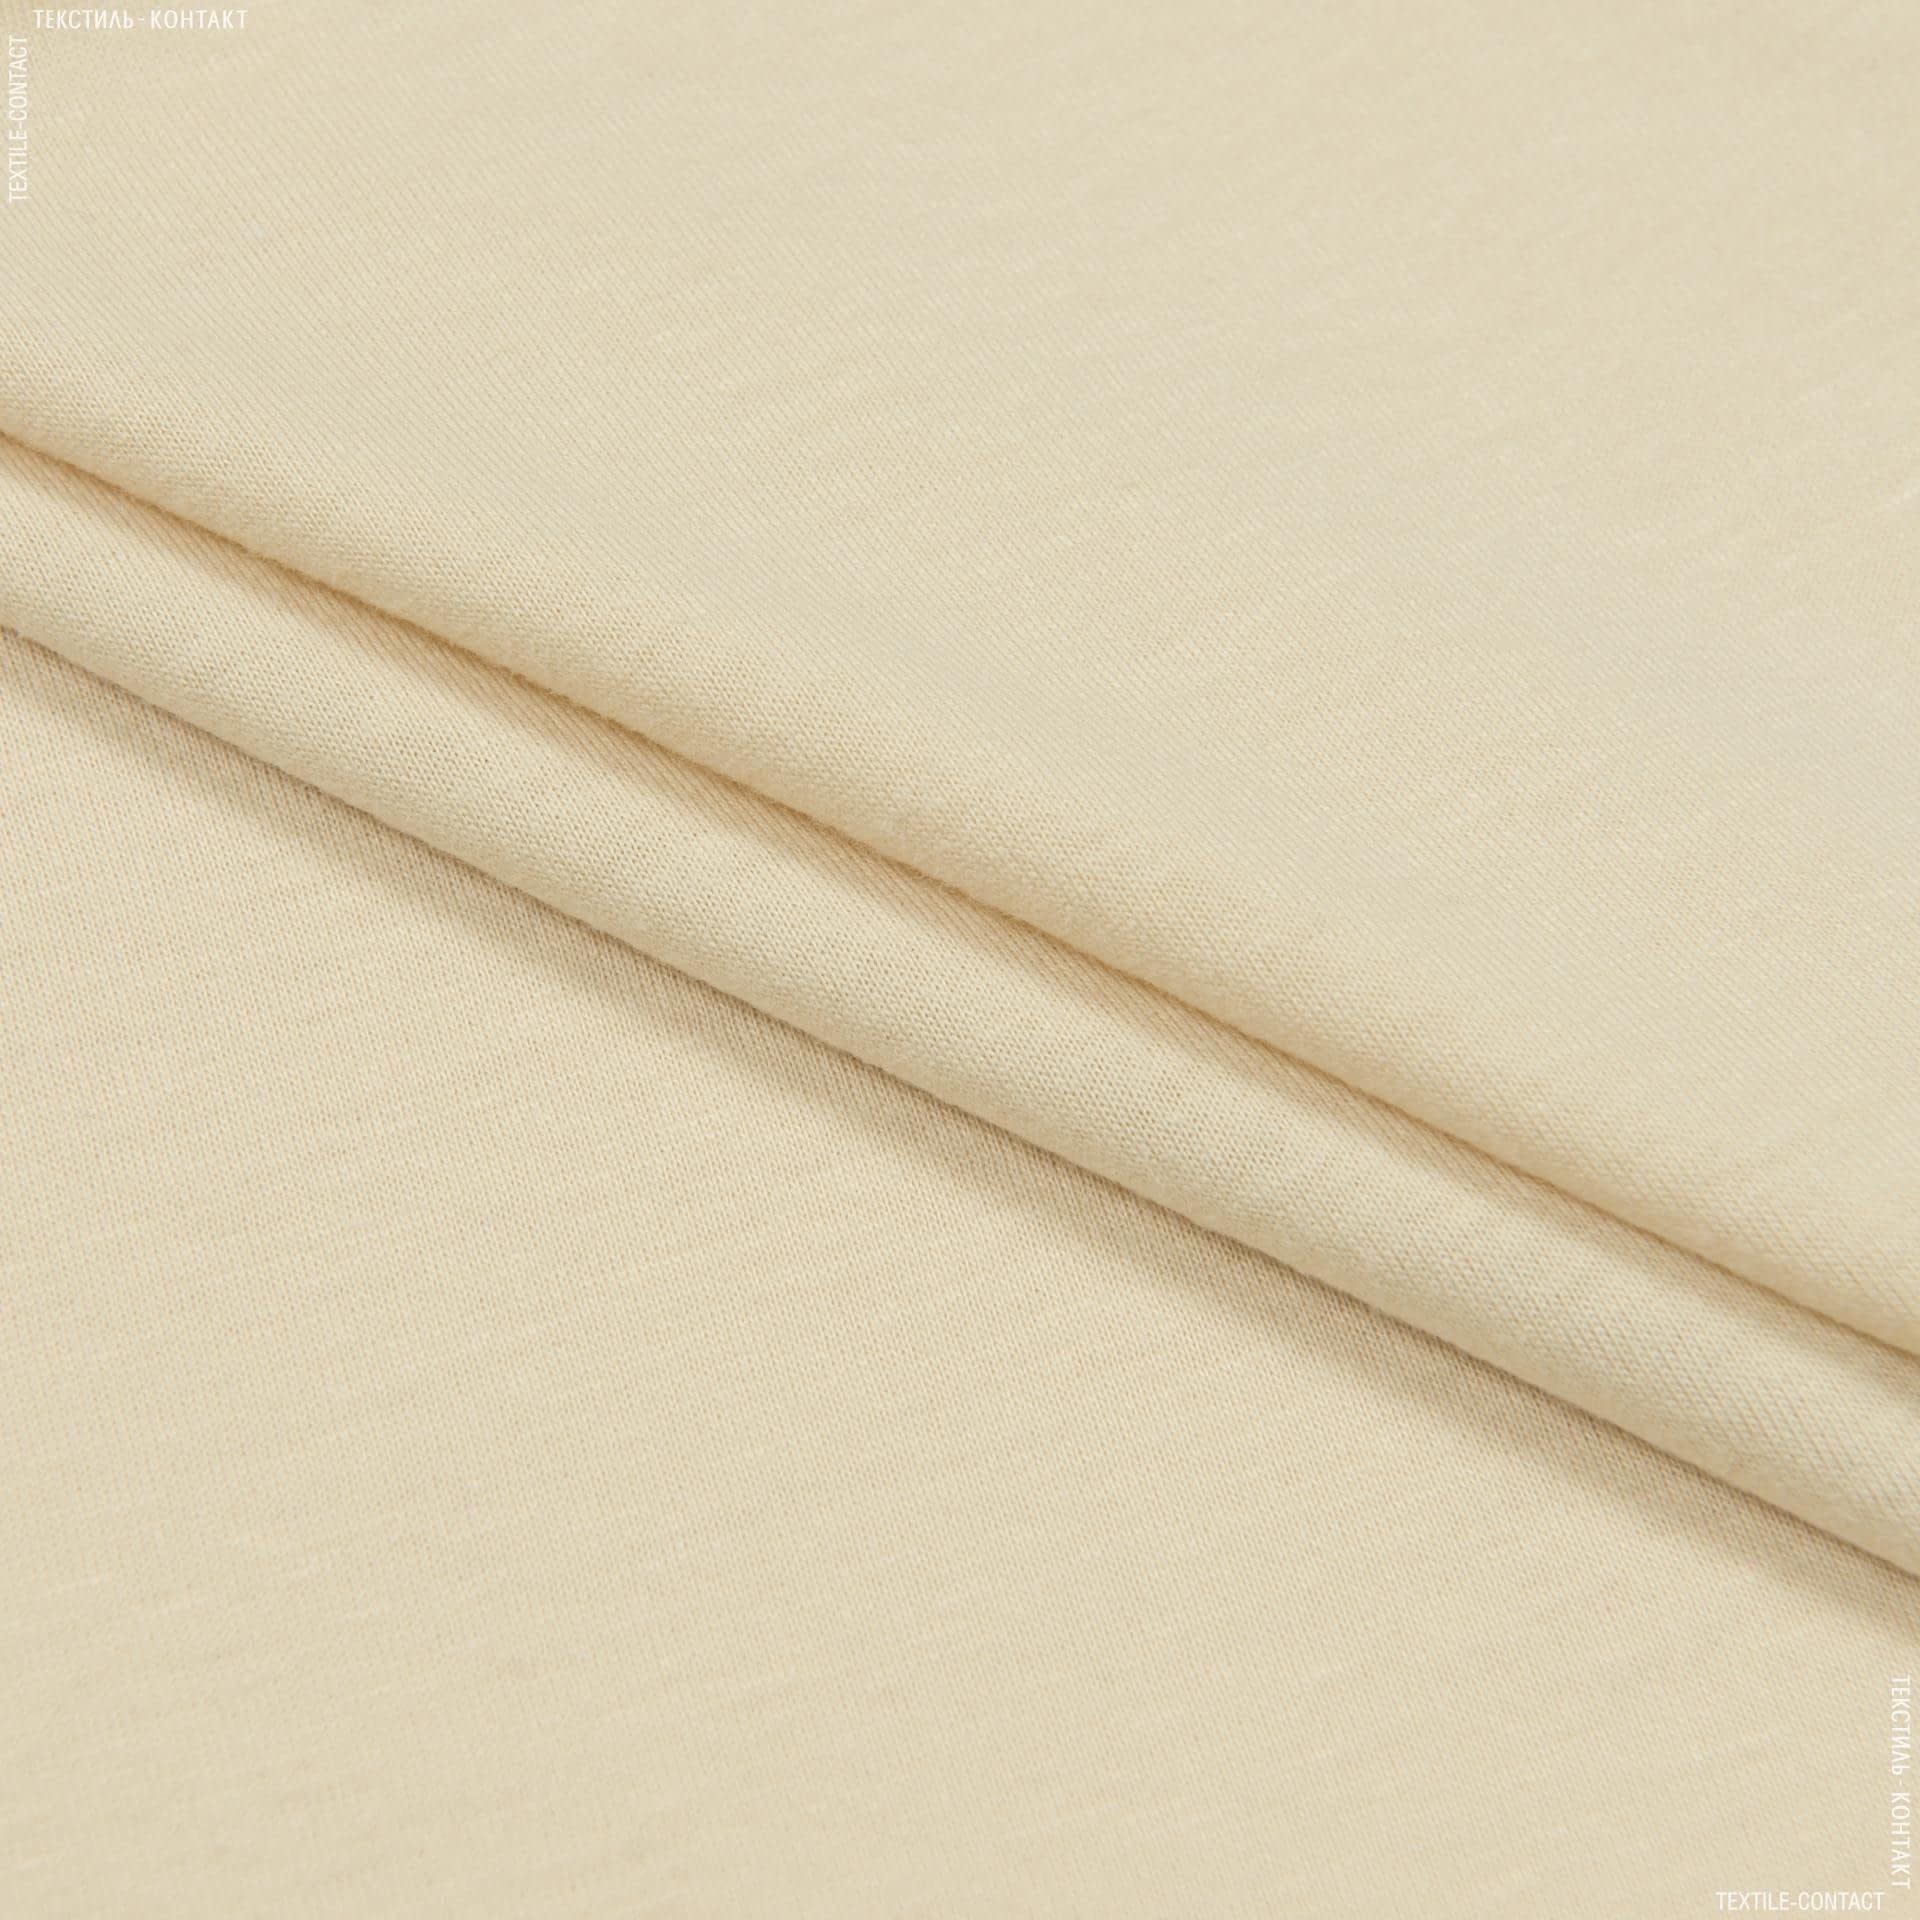 Тканини підкладкова тканина - Трикотаж підкладковий світло-бежевий